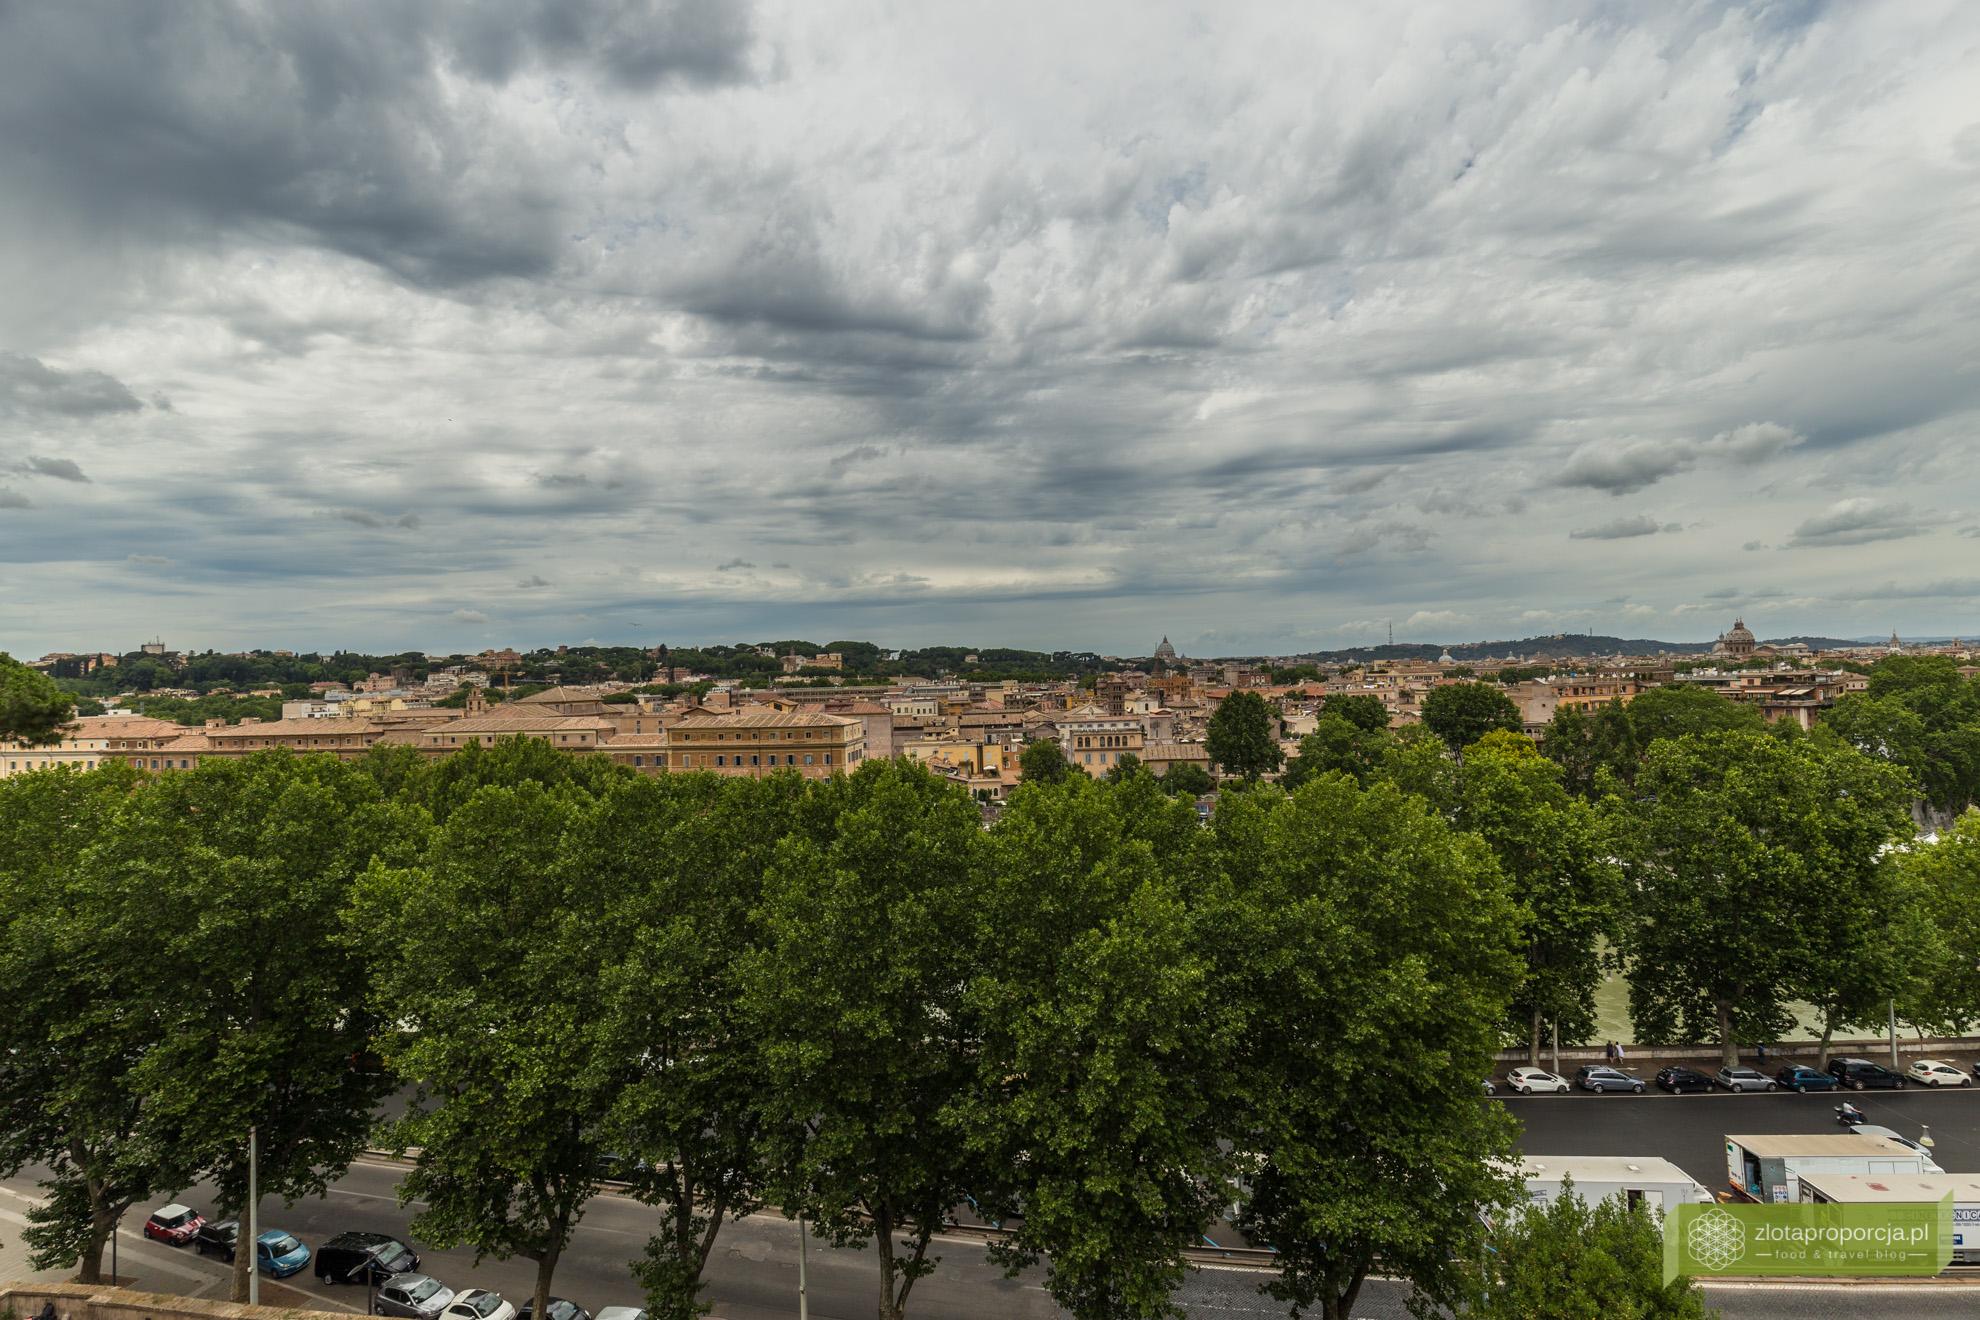 Rzym, Awentyn, Ogód Pomarańczowy, panorama Rzymu